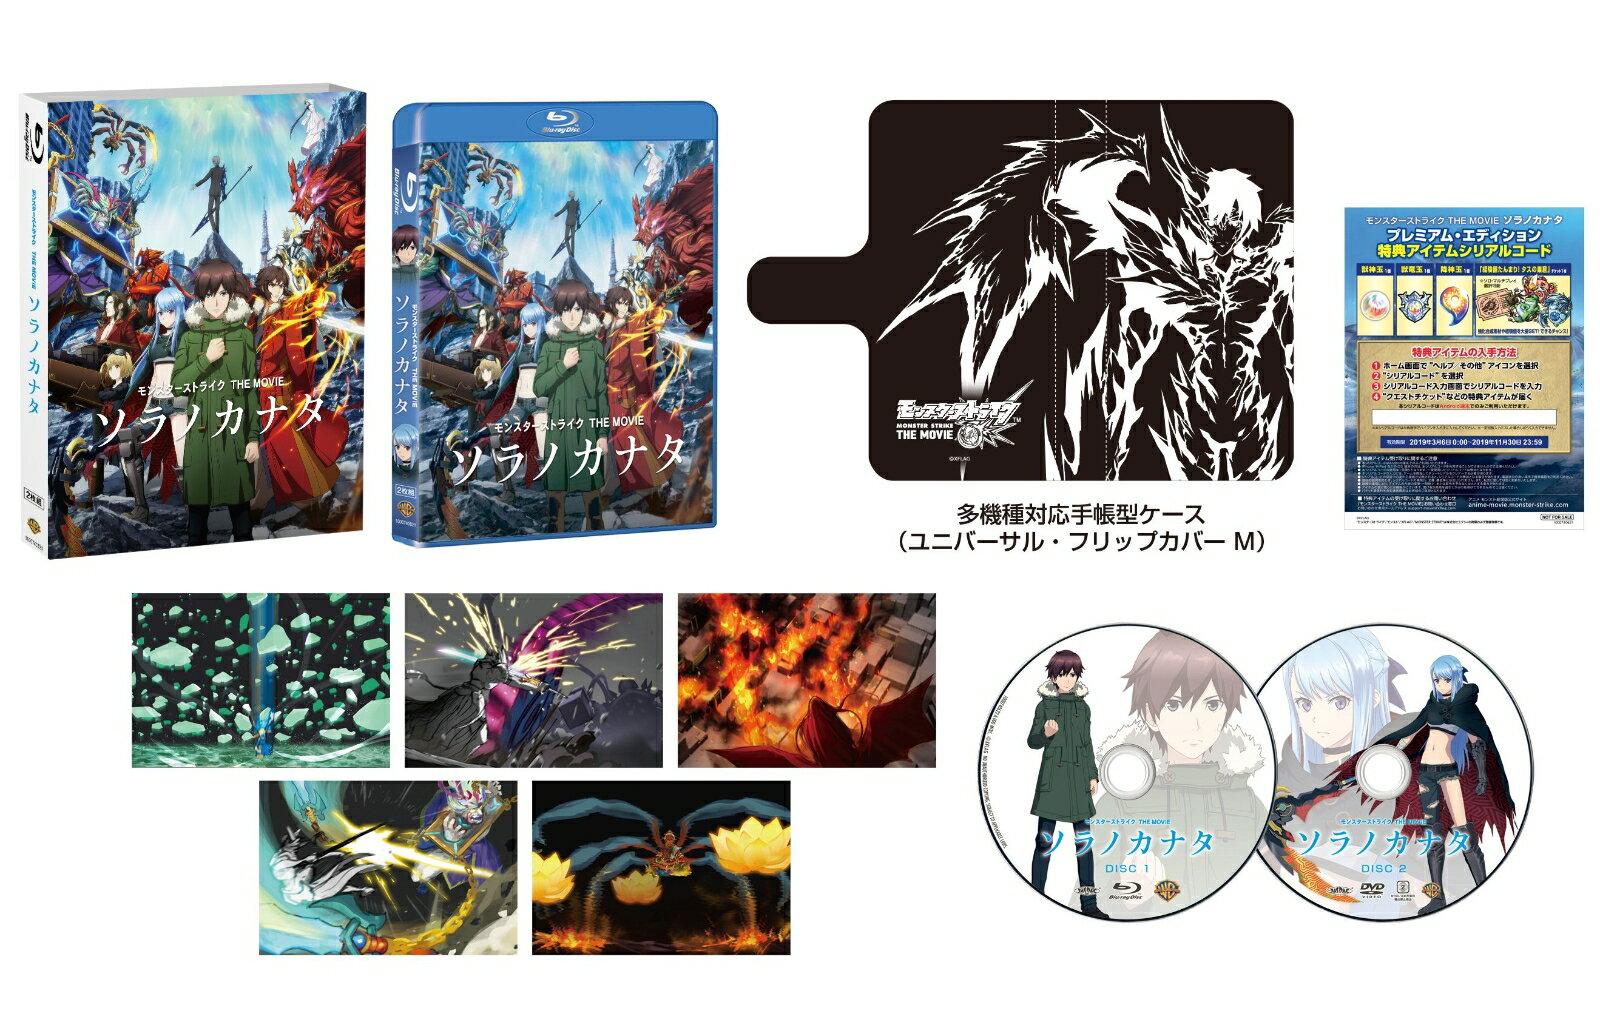 モンスターストライク THE MOVIE ソラノカナタ プレミアム・エディション(2枚組/BD+特典DVD)(2,500セット限定/スマホケース付)(数量限定生産)【Blu-ray】